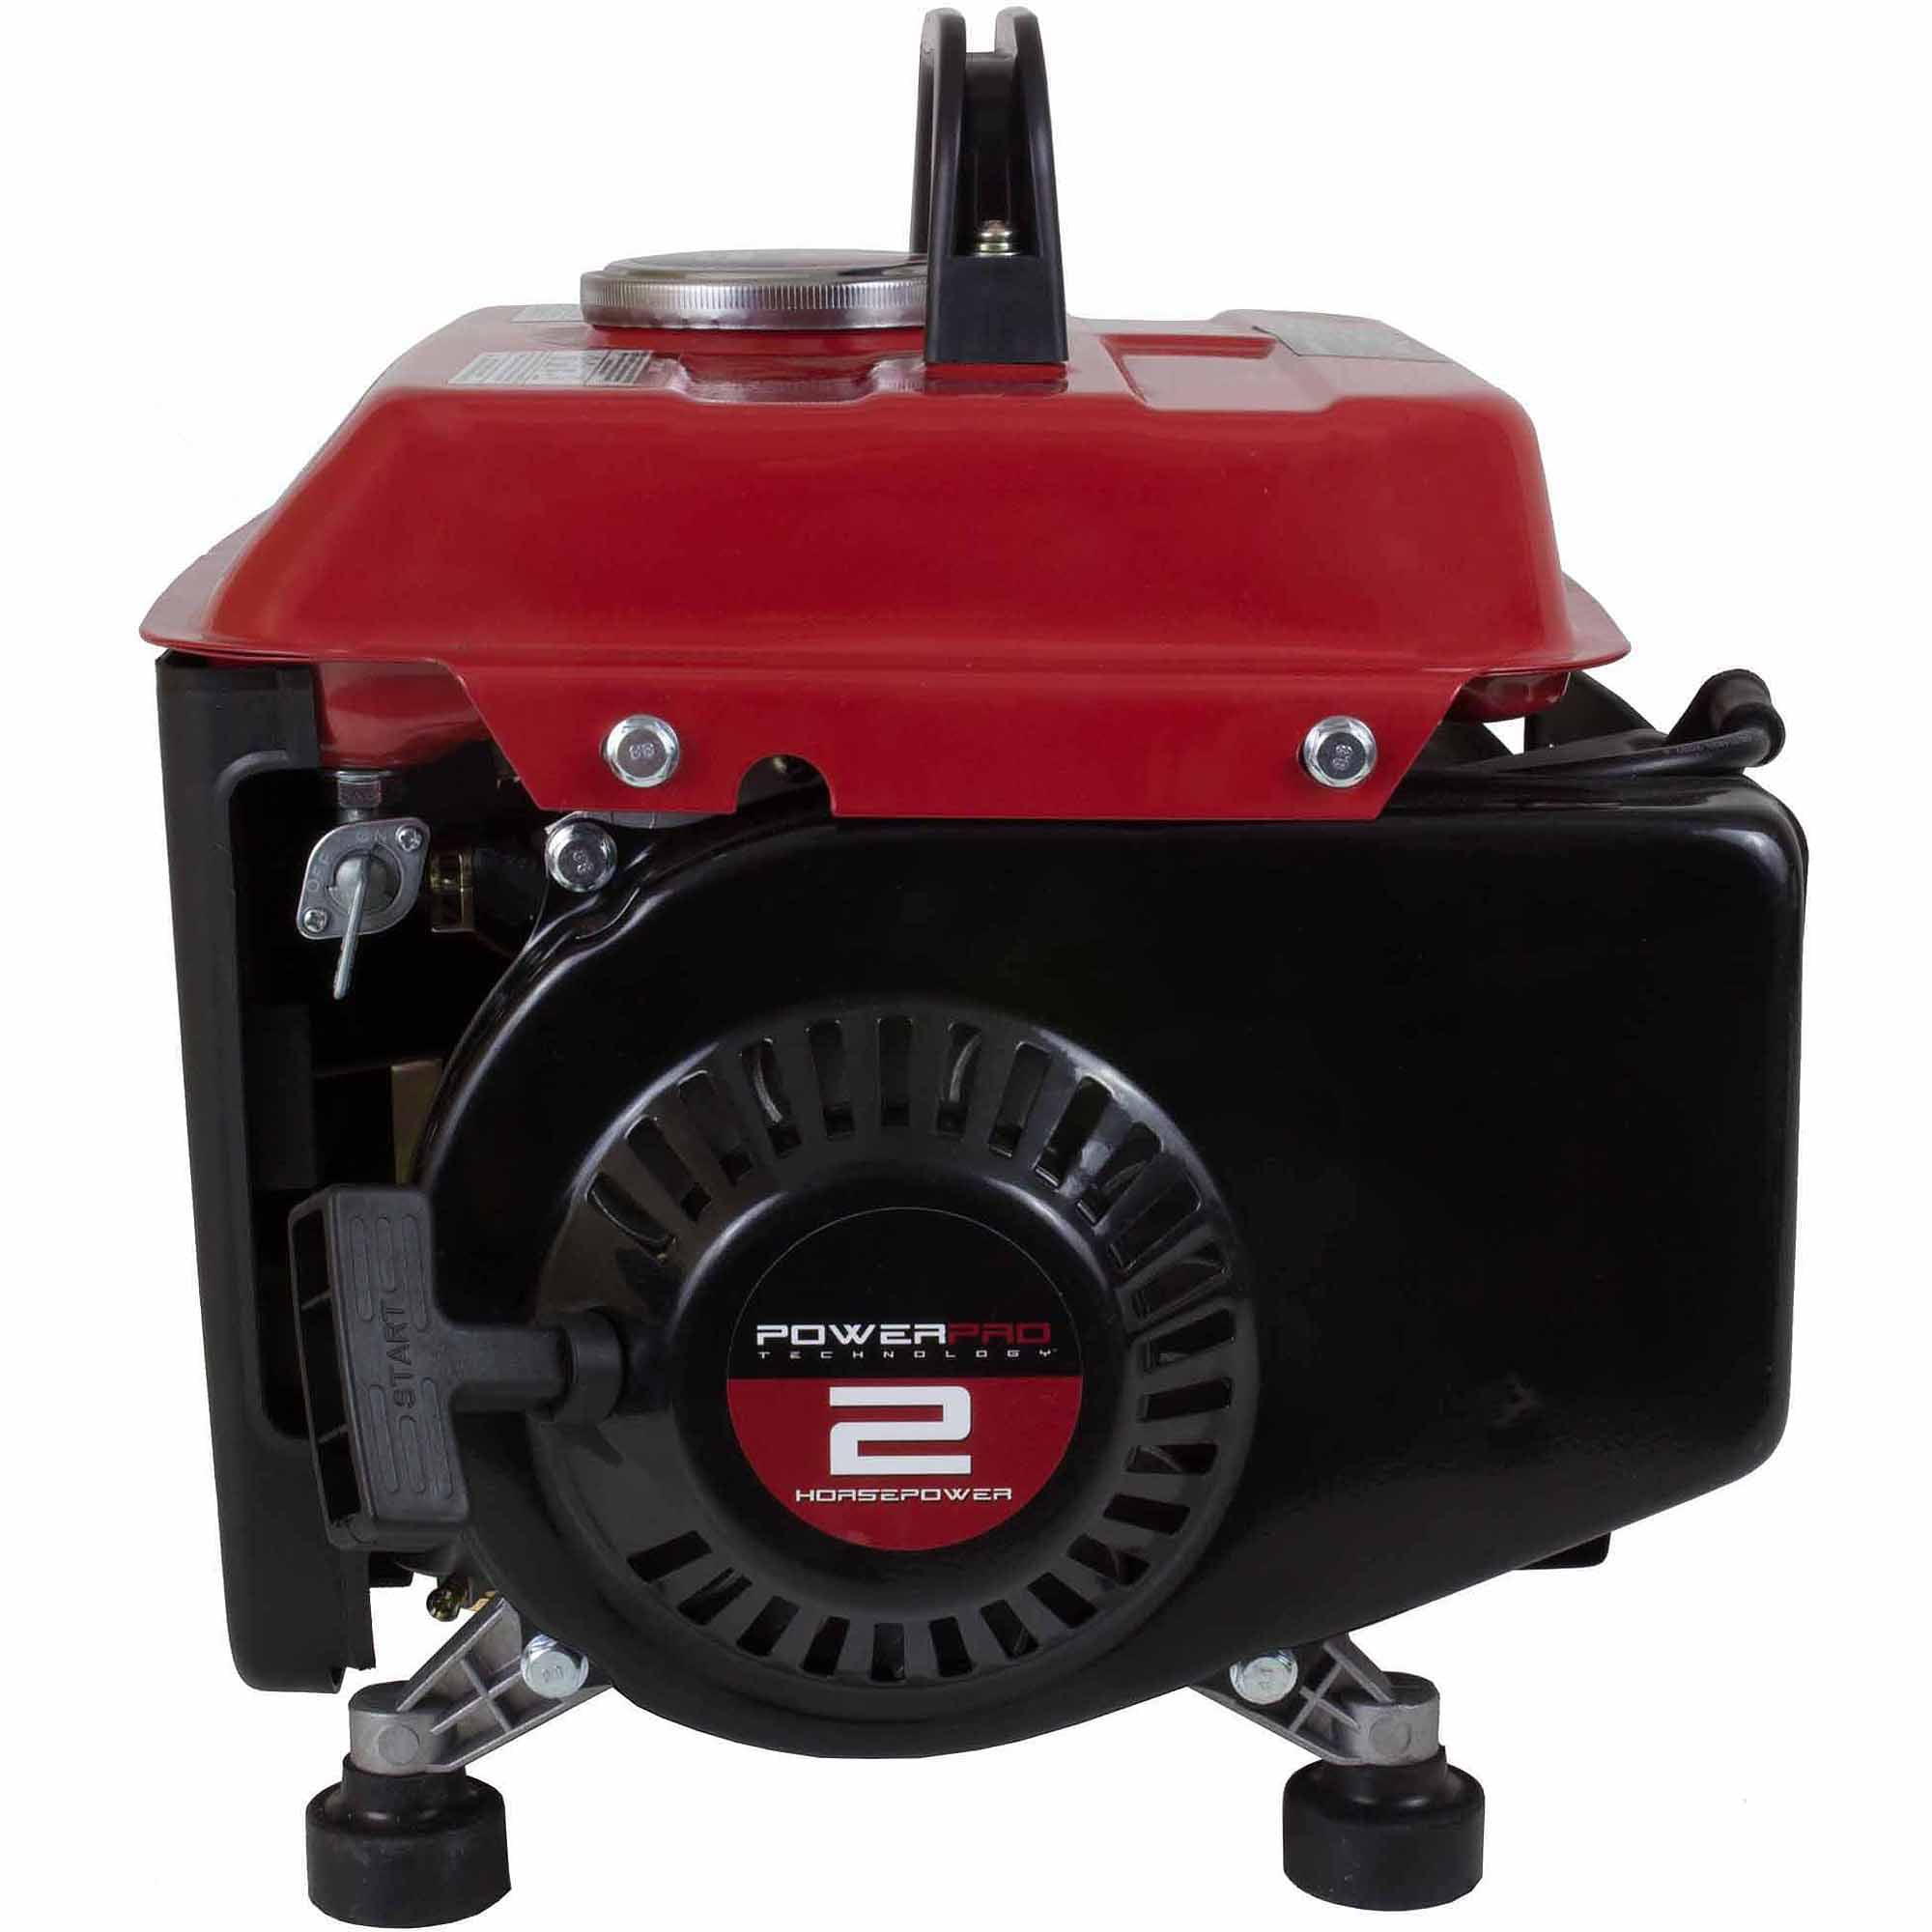 PowerPro 2-Stroke Generator, 1000W - Walmart.com